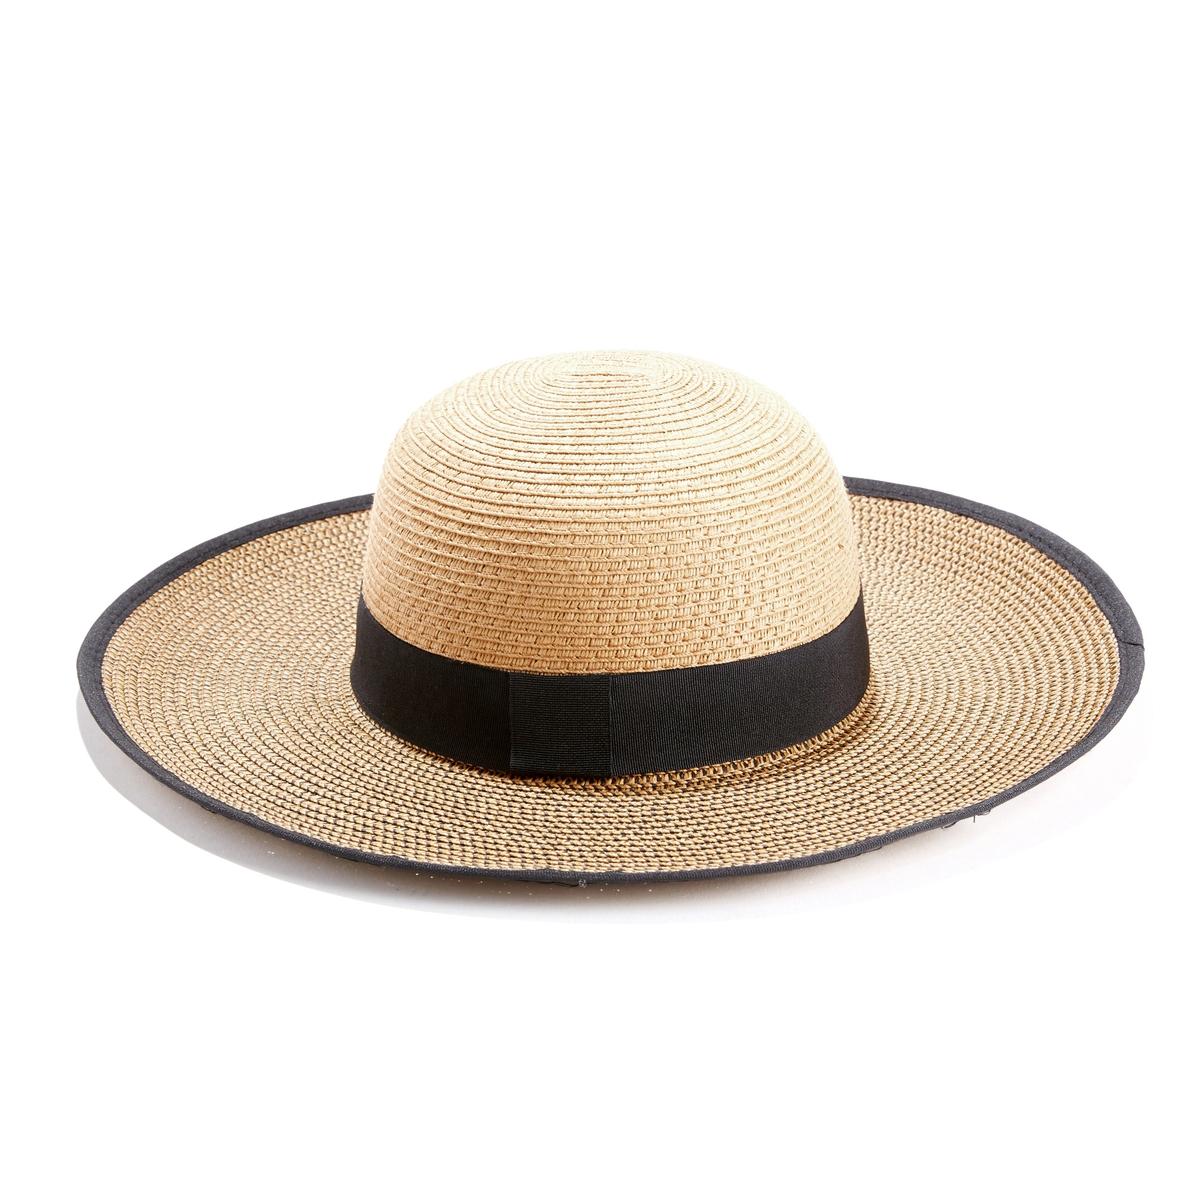 Шляпа из соломыОписание:Великолепная соломенная шляпа с разными оттенками и красивой лентой : наденьте ее с приходом первых теплых деньков !Состав и описание : Шляпа с широкими полами в этническом стилеМатериал : солома, бумагаОбхват головы 56 см<br><br>Цвет: песочный<br>Размер: единый размер